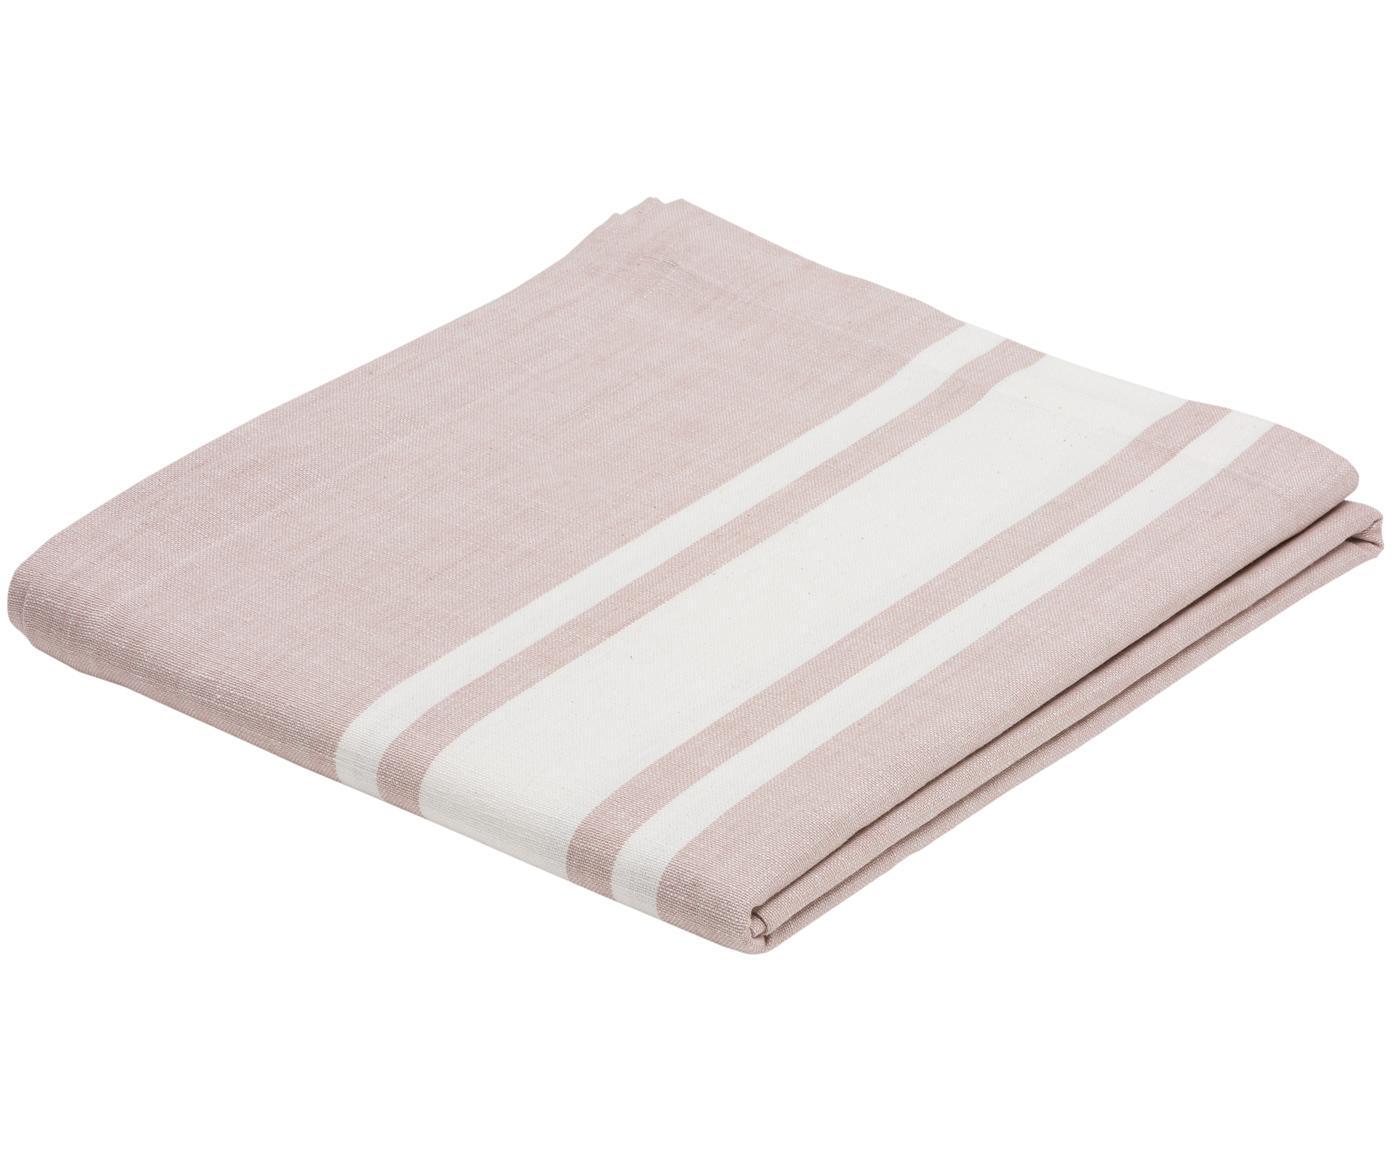 Tafelkleed New French, Katoen, Roze, wit, Voor 6 - 8 personen (B 140 x L 250 cm)